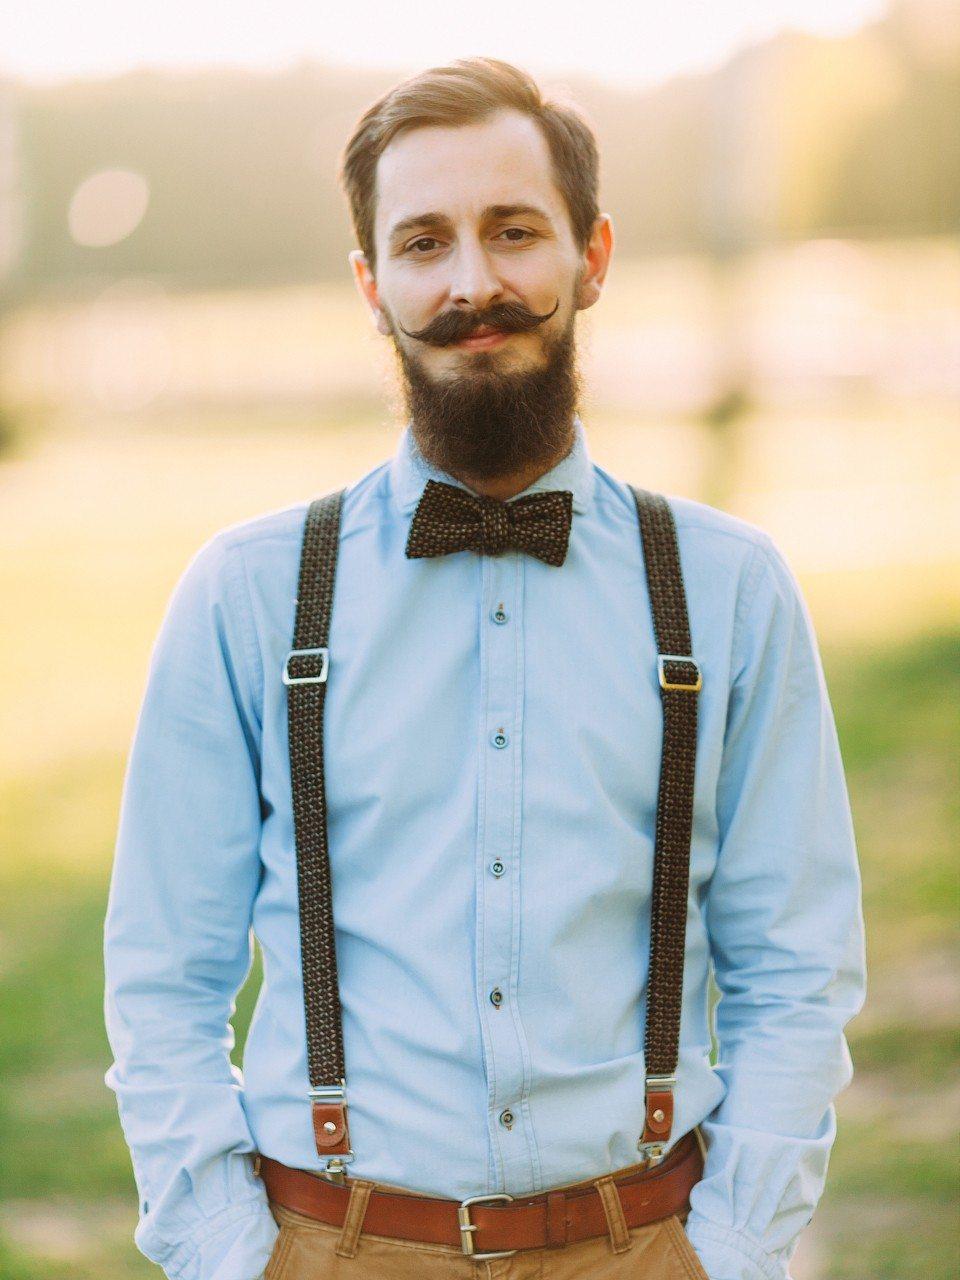 рубашка с подтяжками мужские фото новое фото, сохранением